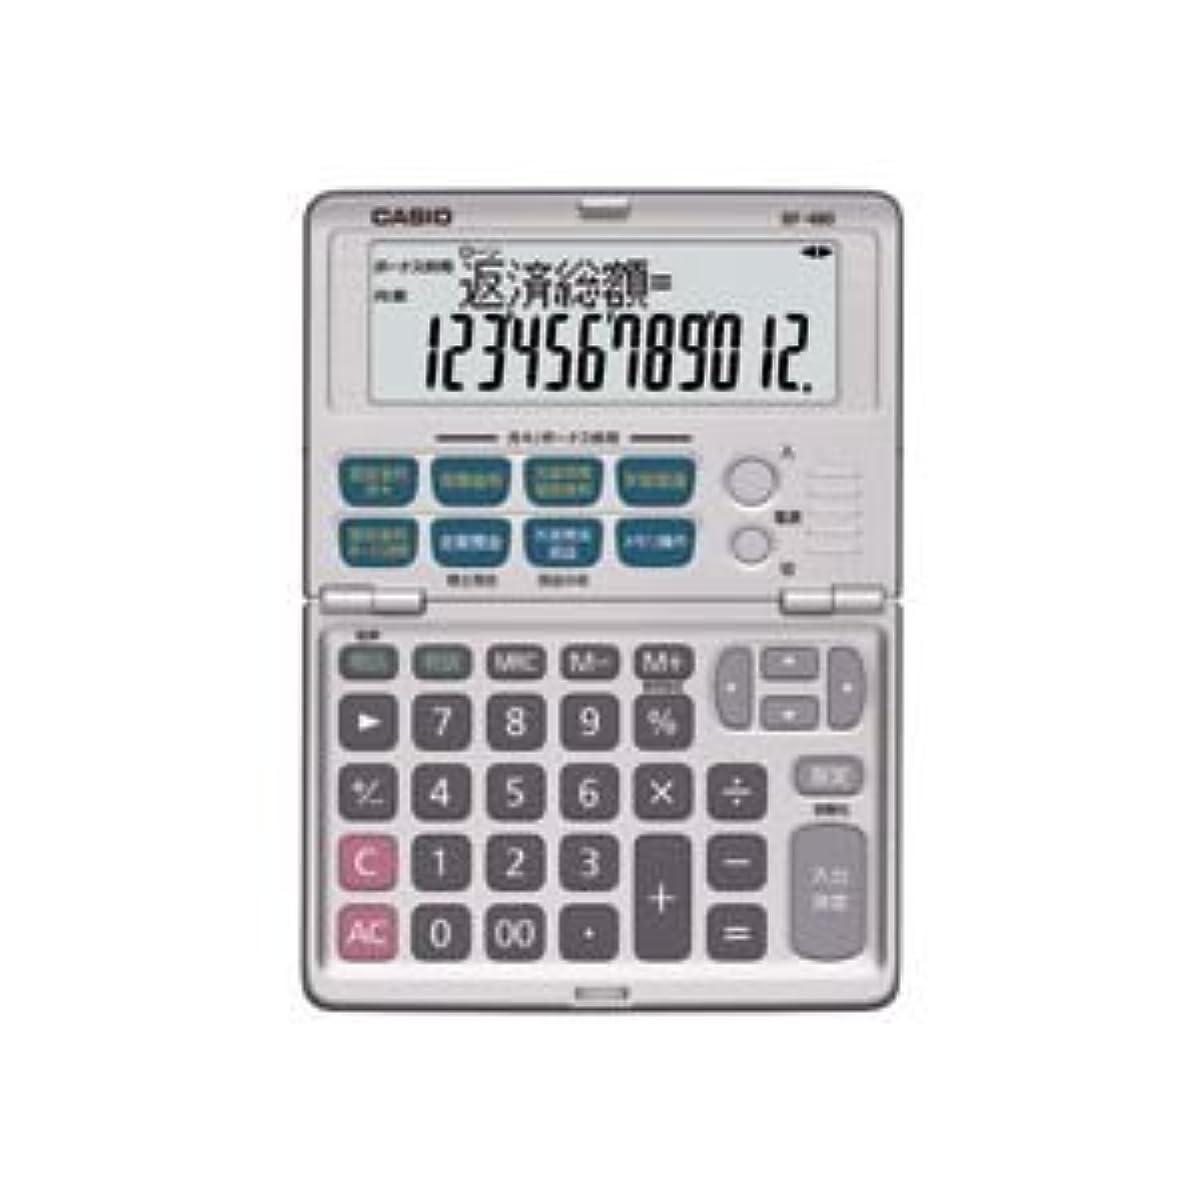 スペース軍隊影響を受けやすいですカシオ CASIO 金融電卓 12桁 折りたたみタイプ BF-480-N 1台